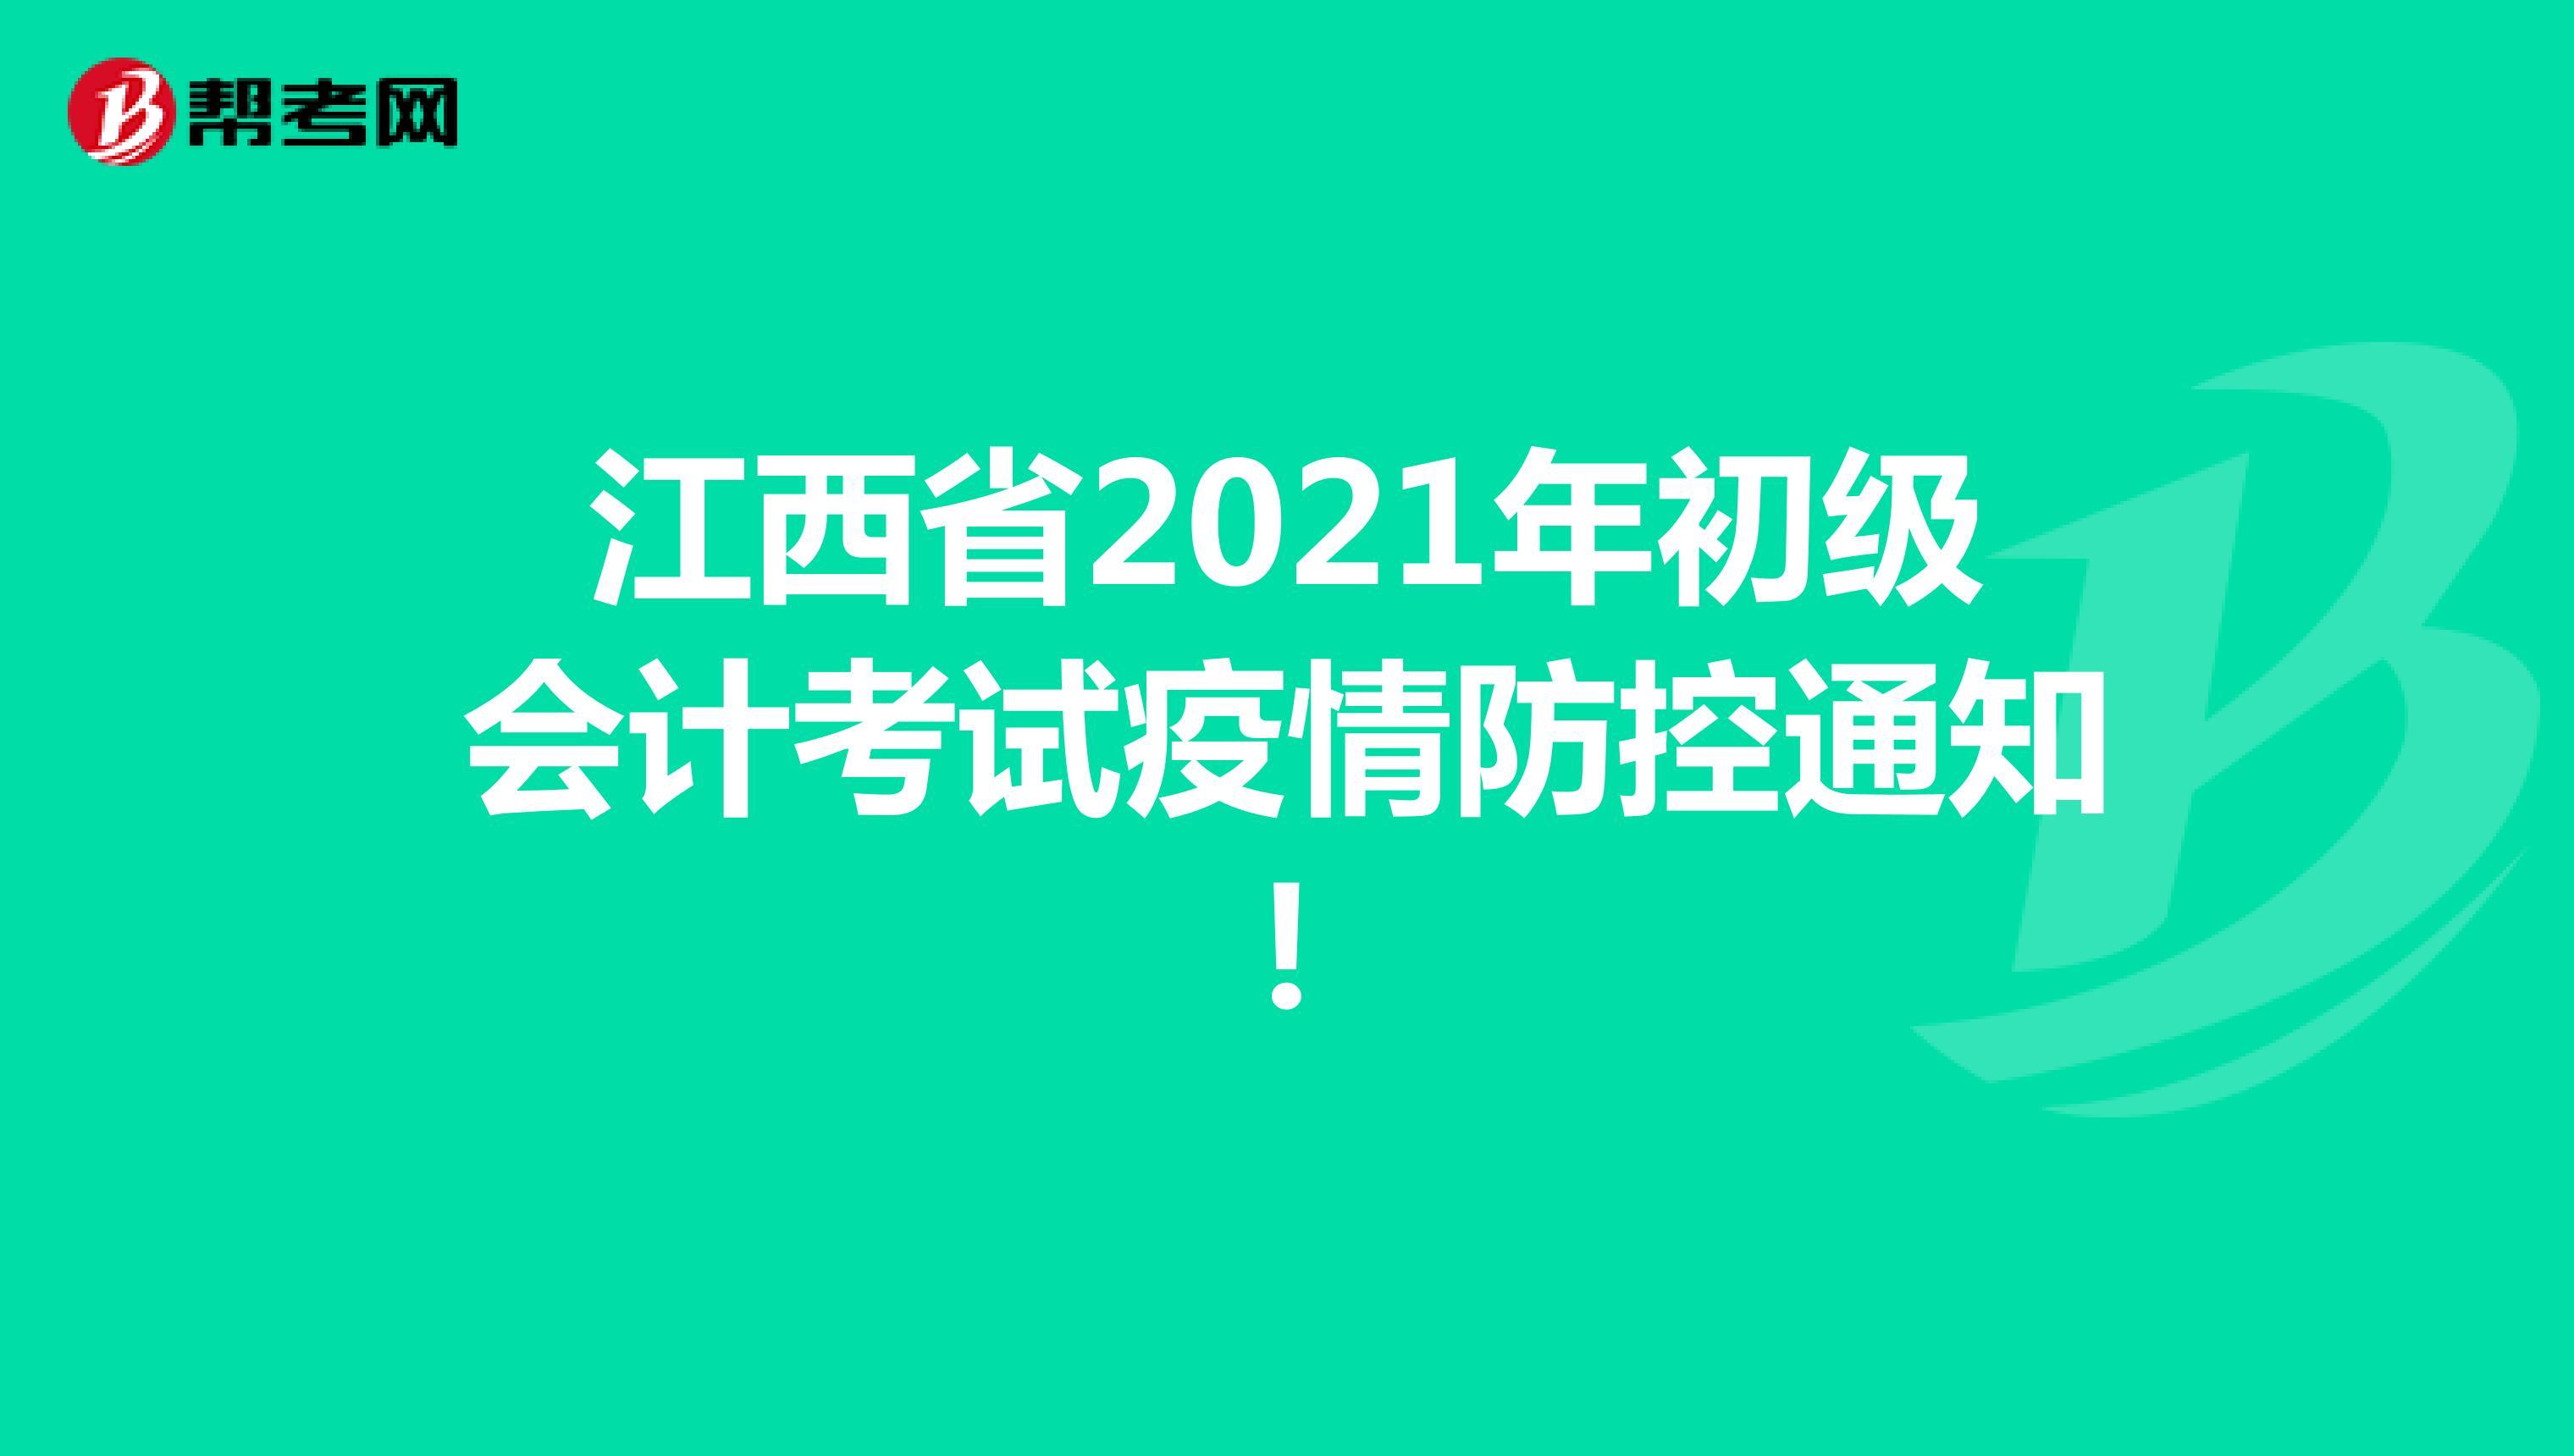 江西省2021年初级会计考试疫情防控通知!